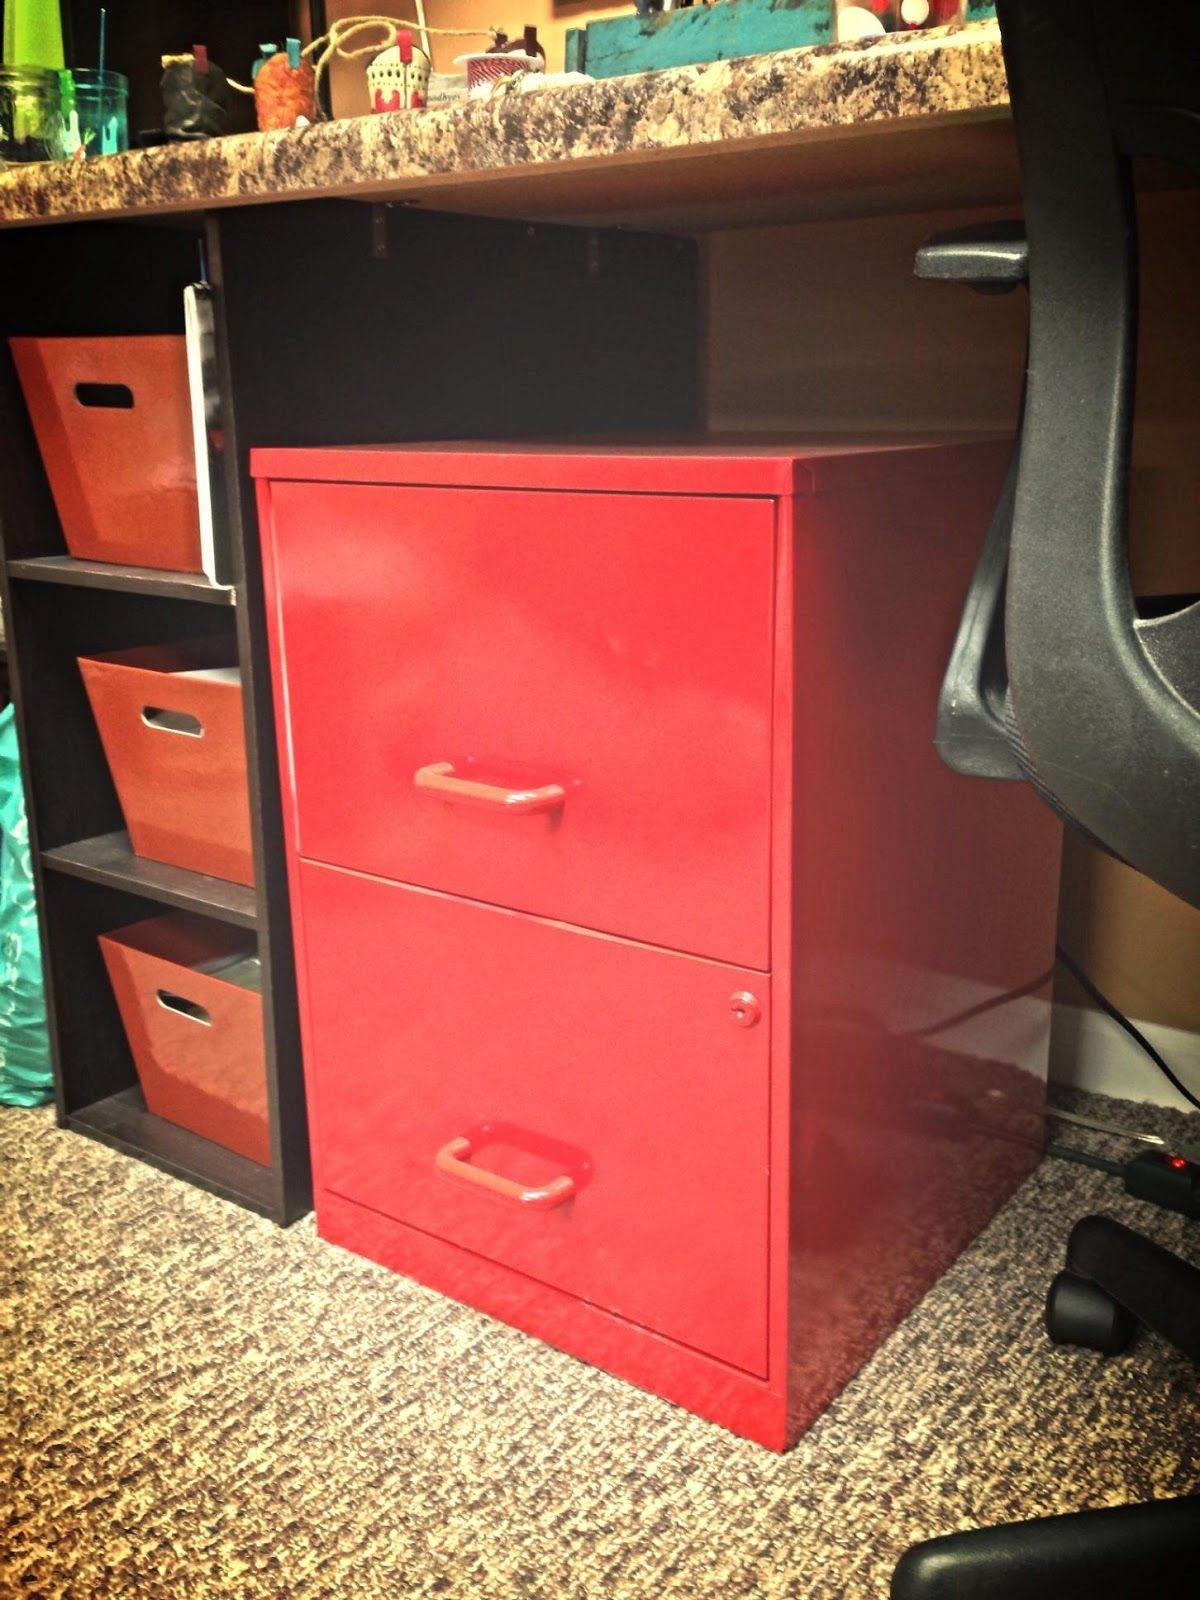 Fun File Cabinet Redo for $6 Della fice playroom